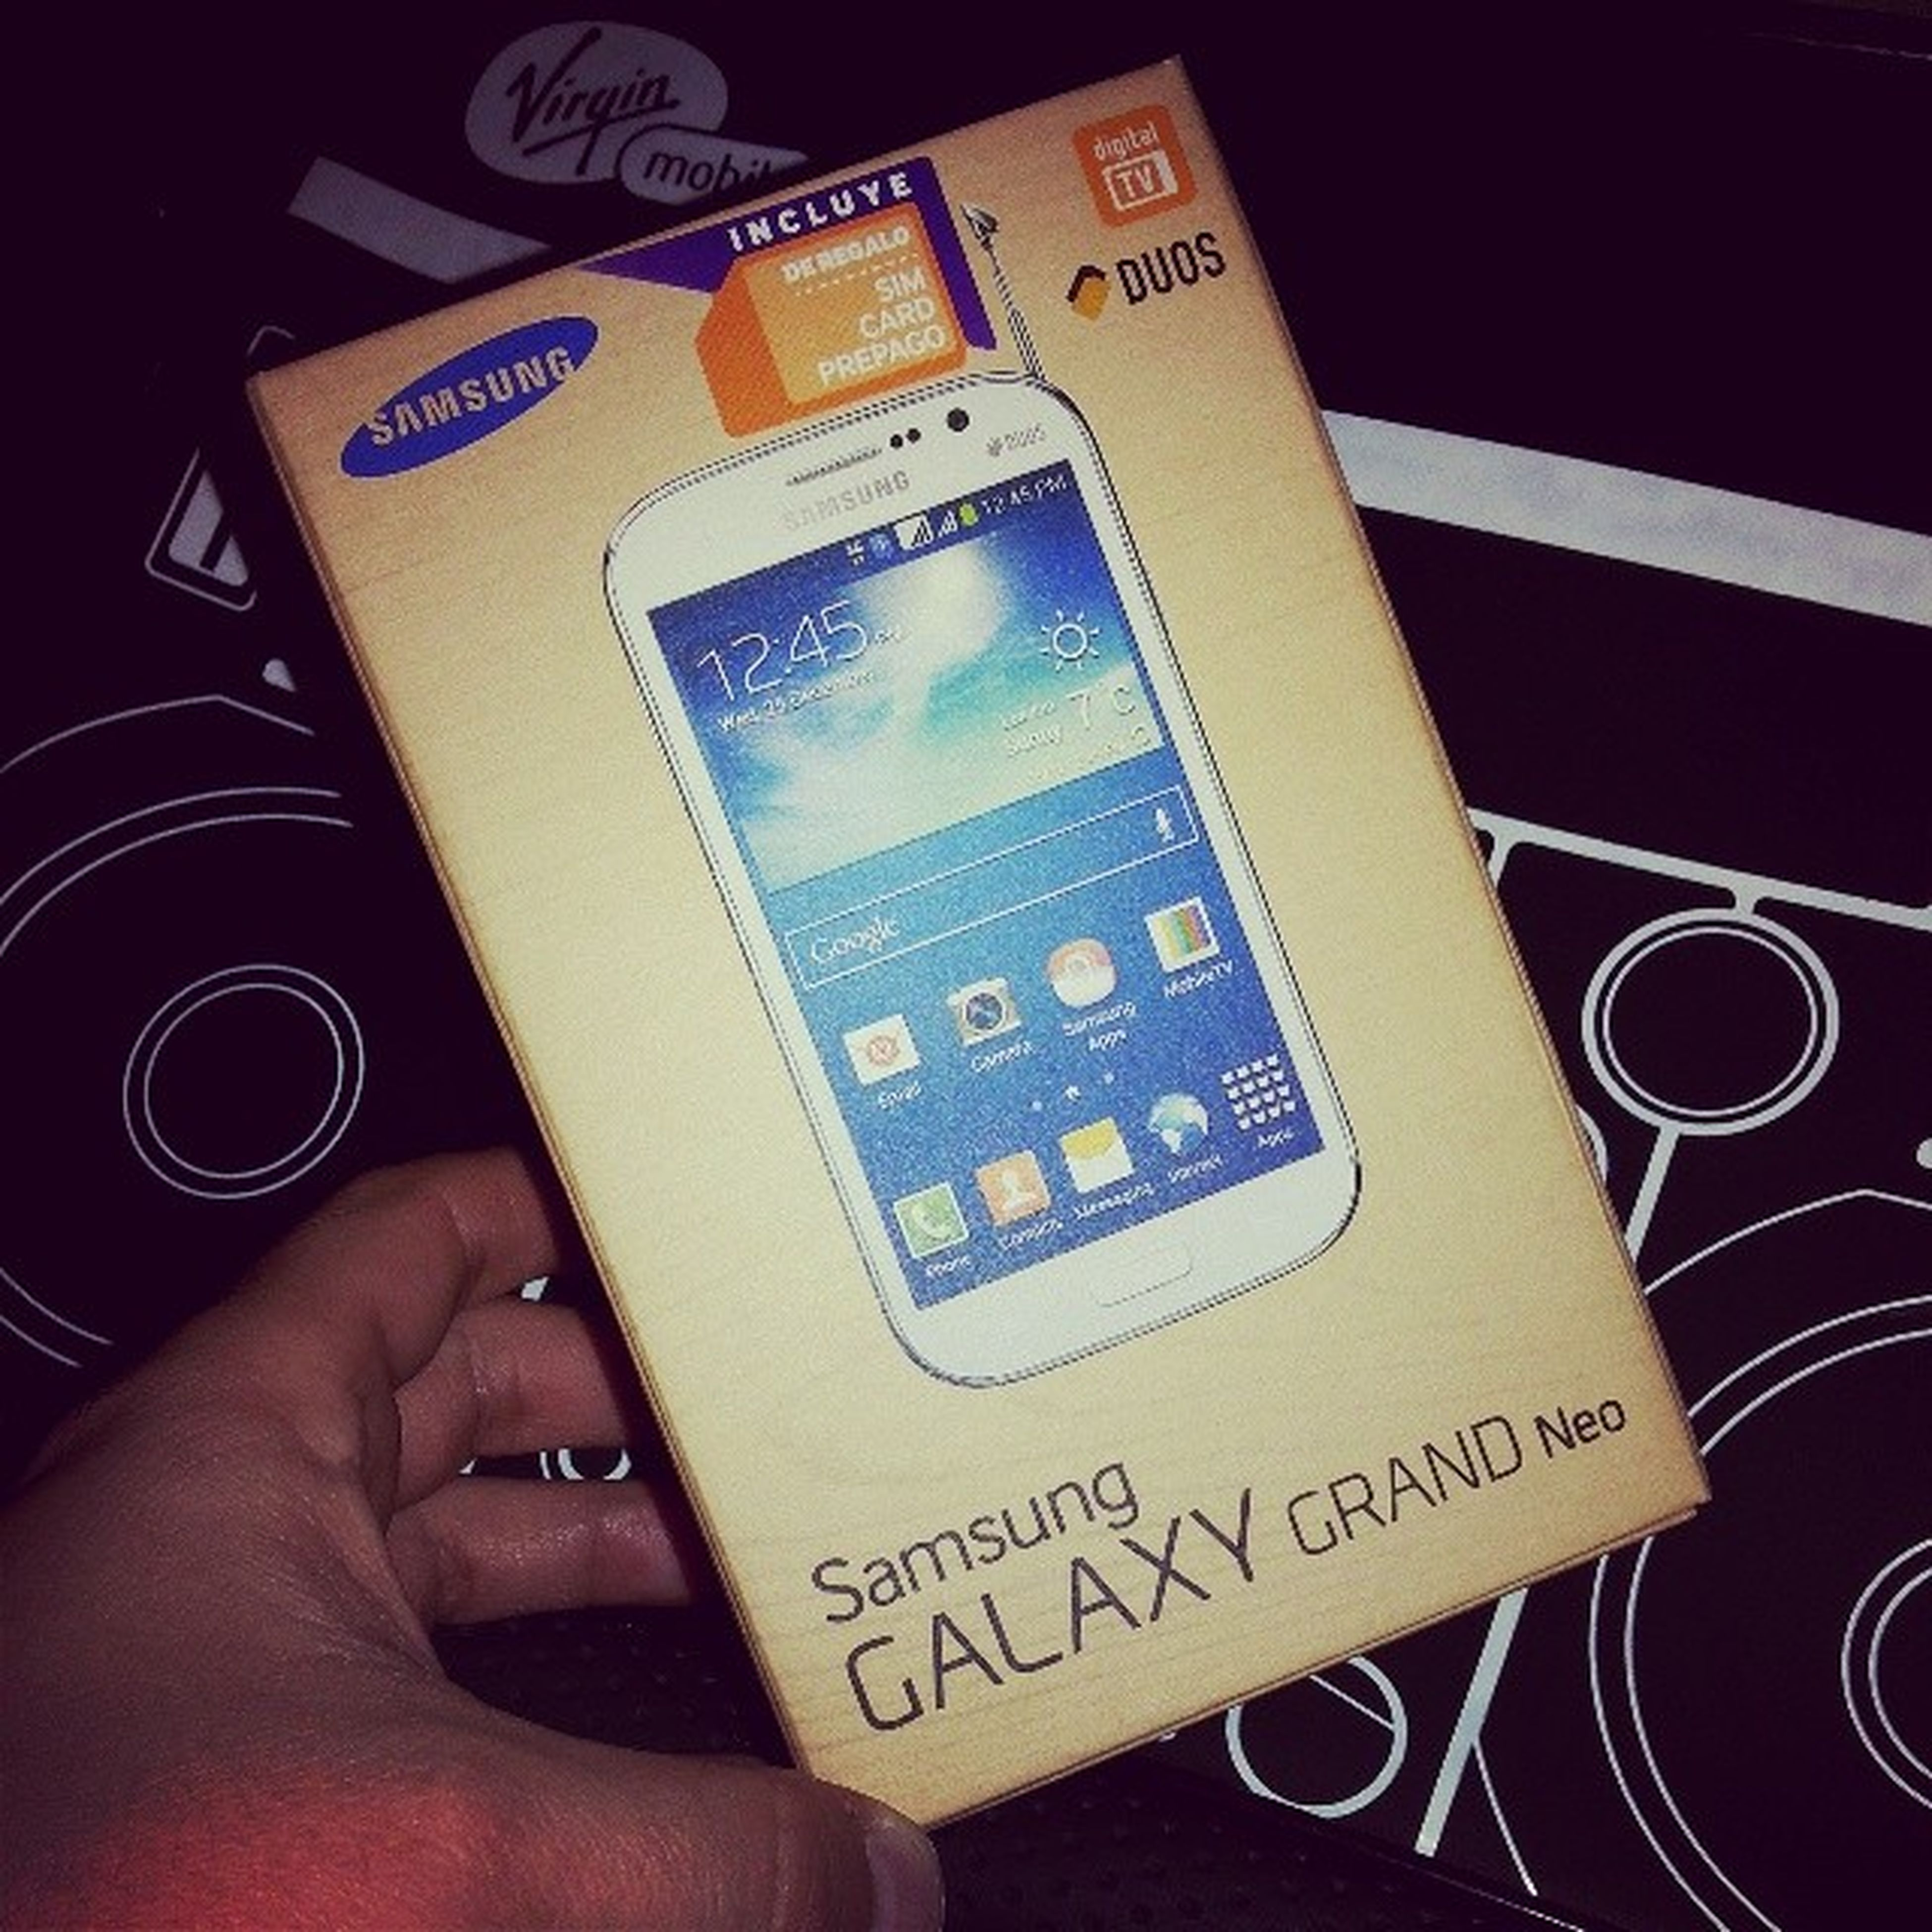 Nueva Adquisición SamsungGalaxyGrandNeo con TelevisionDigital